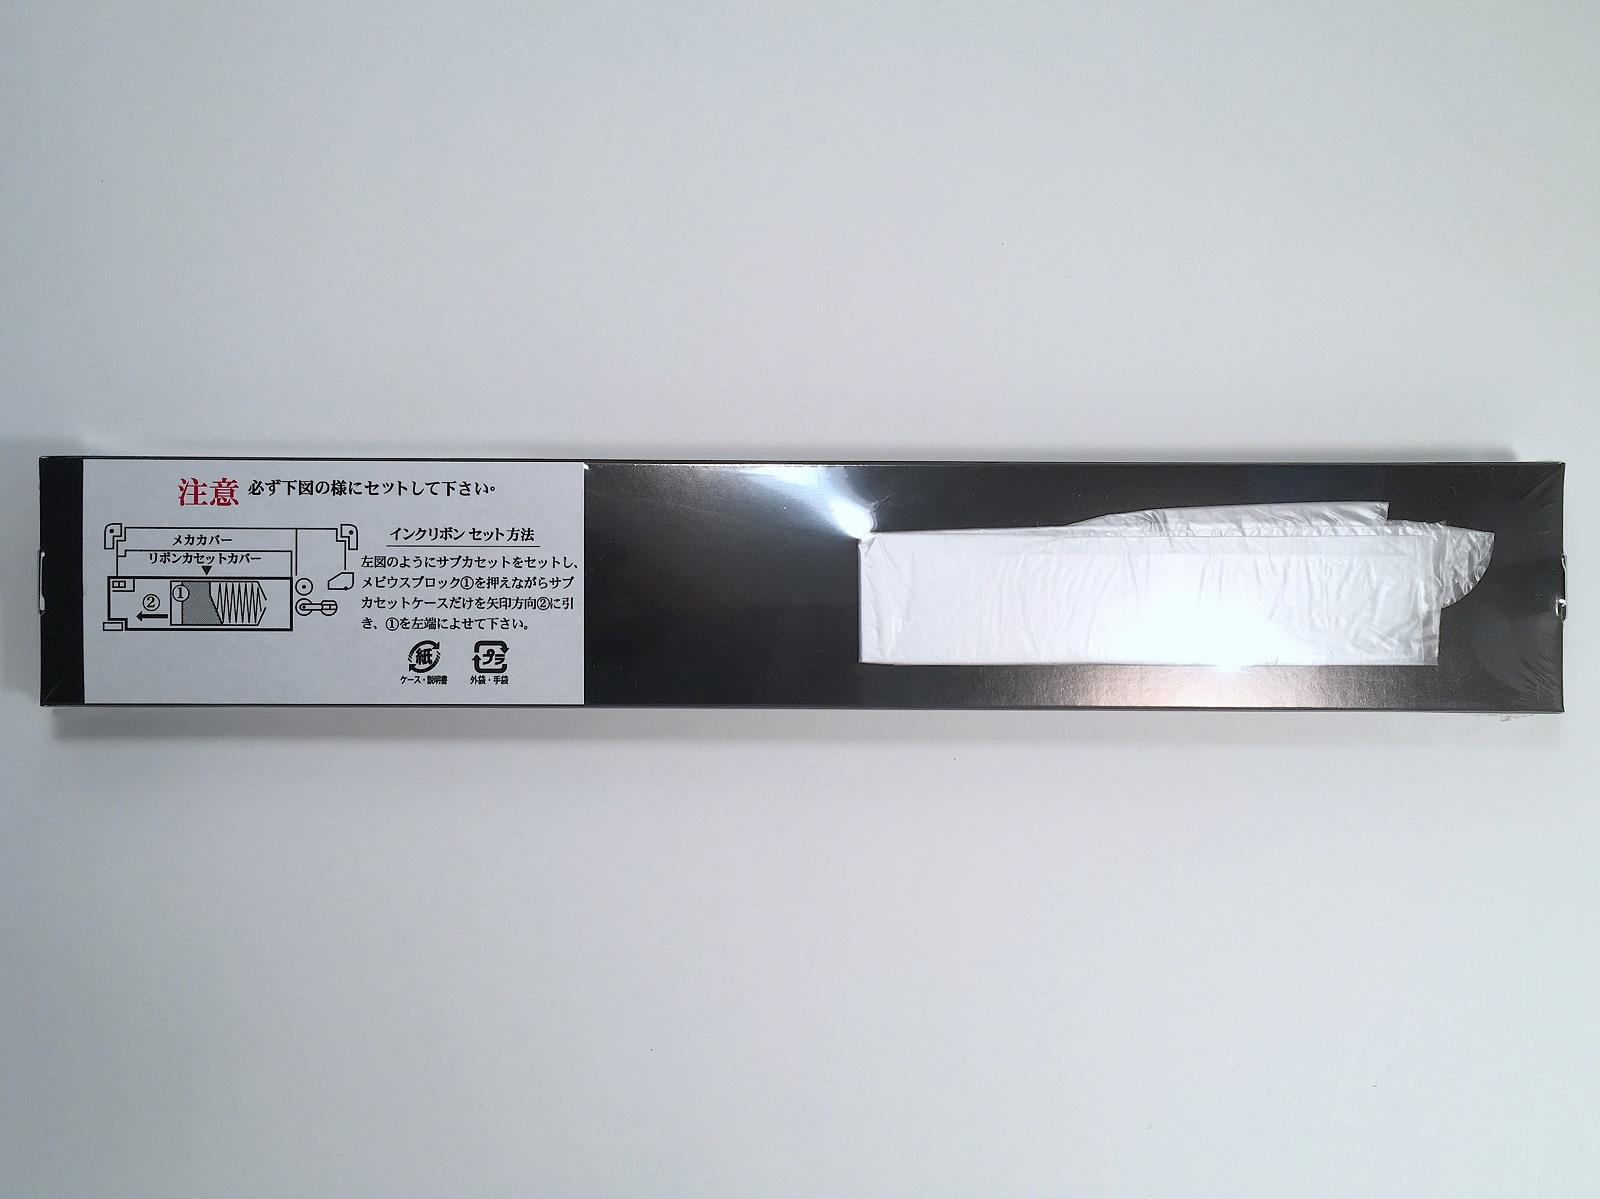 NEC用 汎用品詰め替えリボン(サブリボン)EF-1285B(EF1285B)(BK)  6個セット(送料無料)